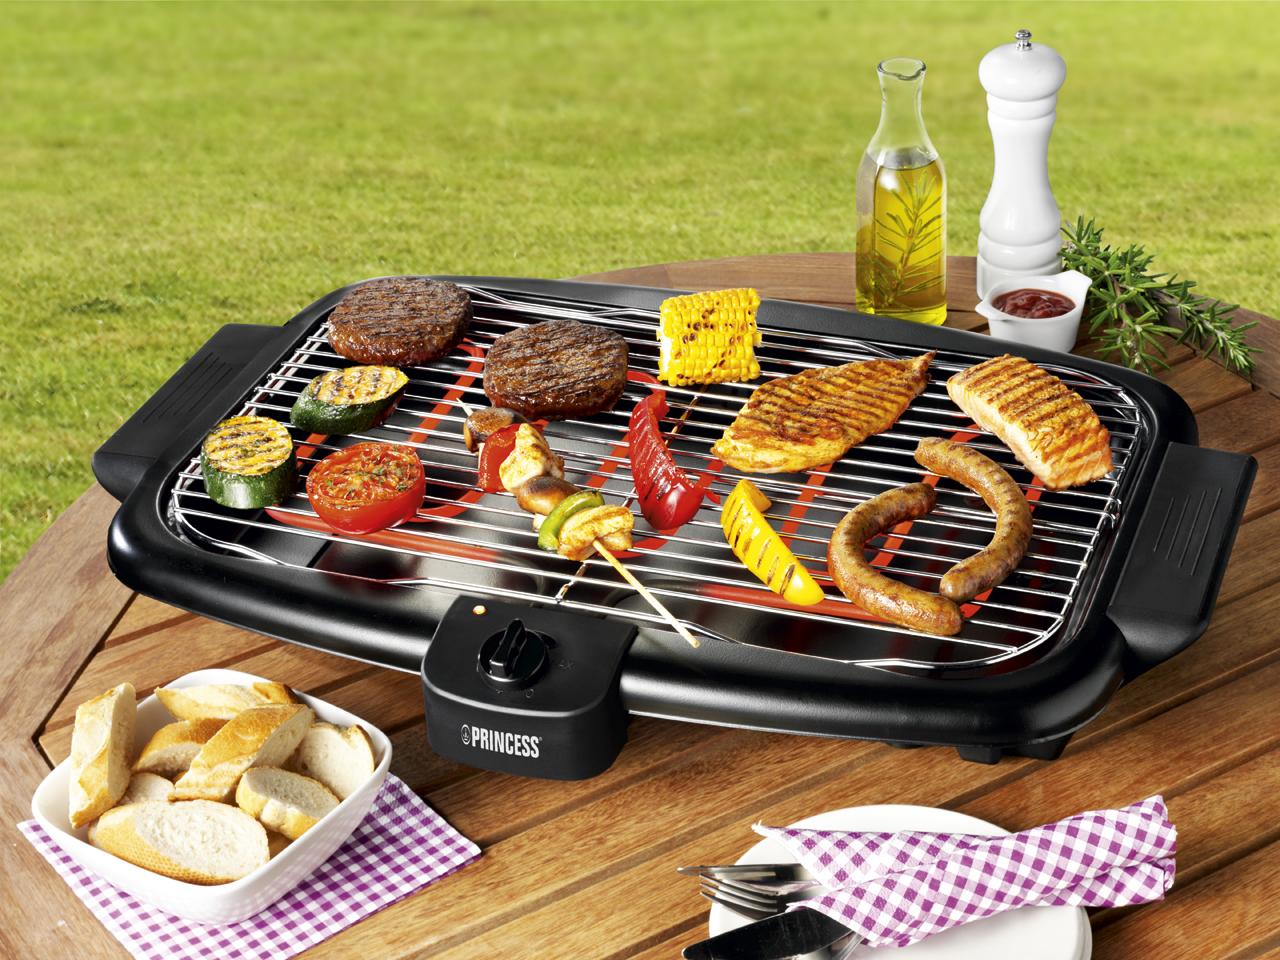 Migliori barbecue elettrici: classifica e consigli per l'acquisto